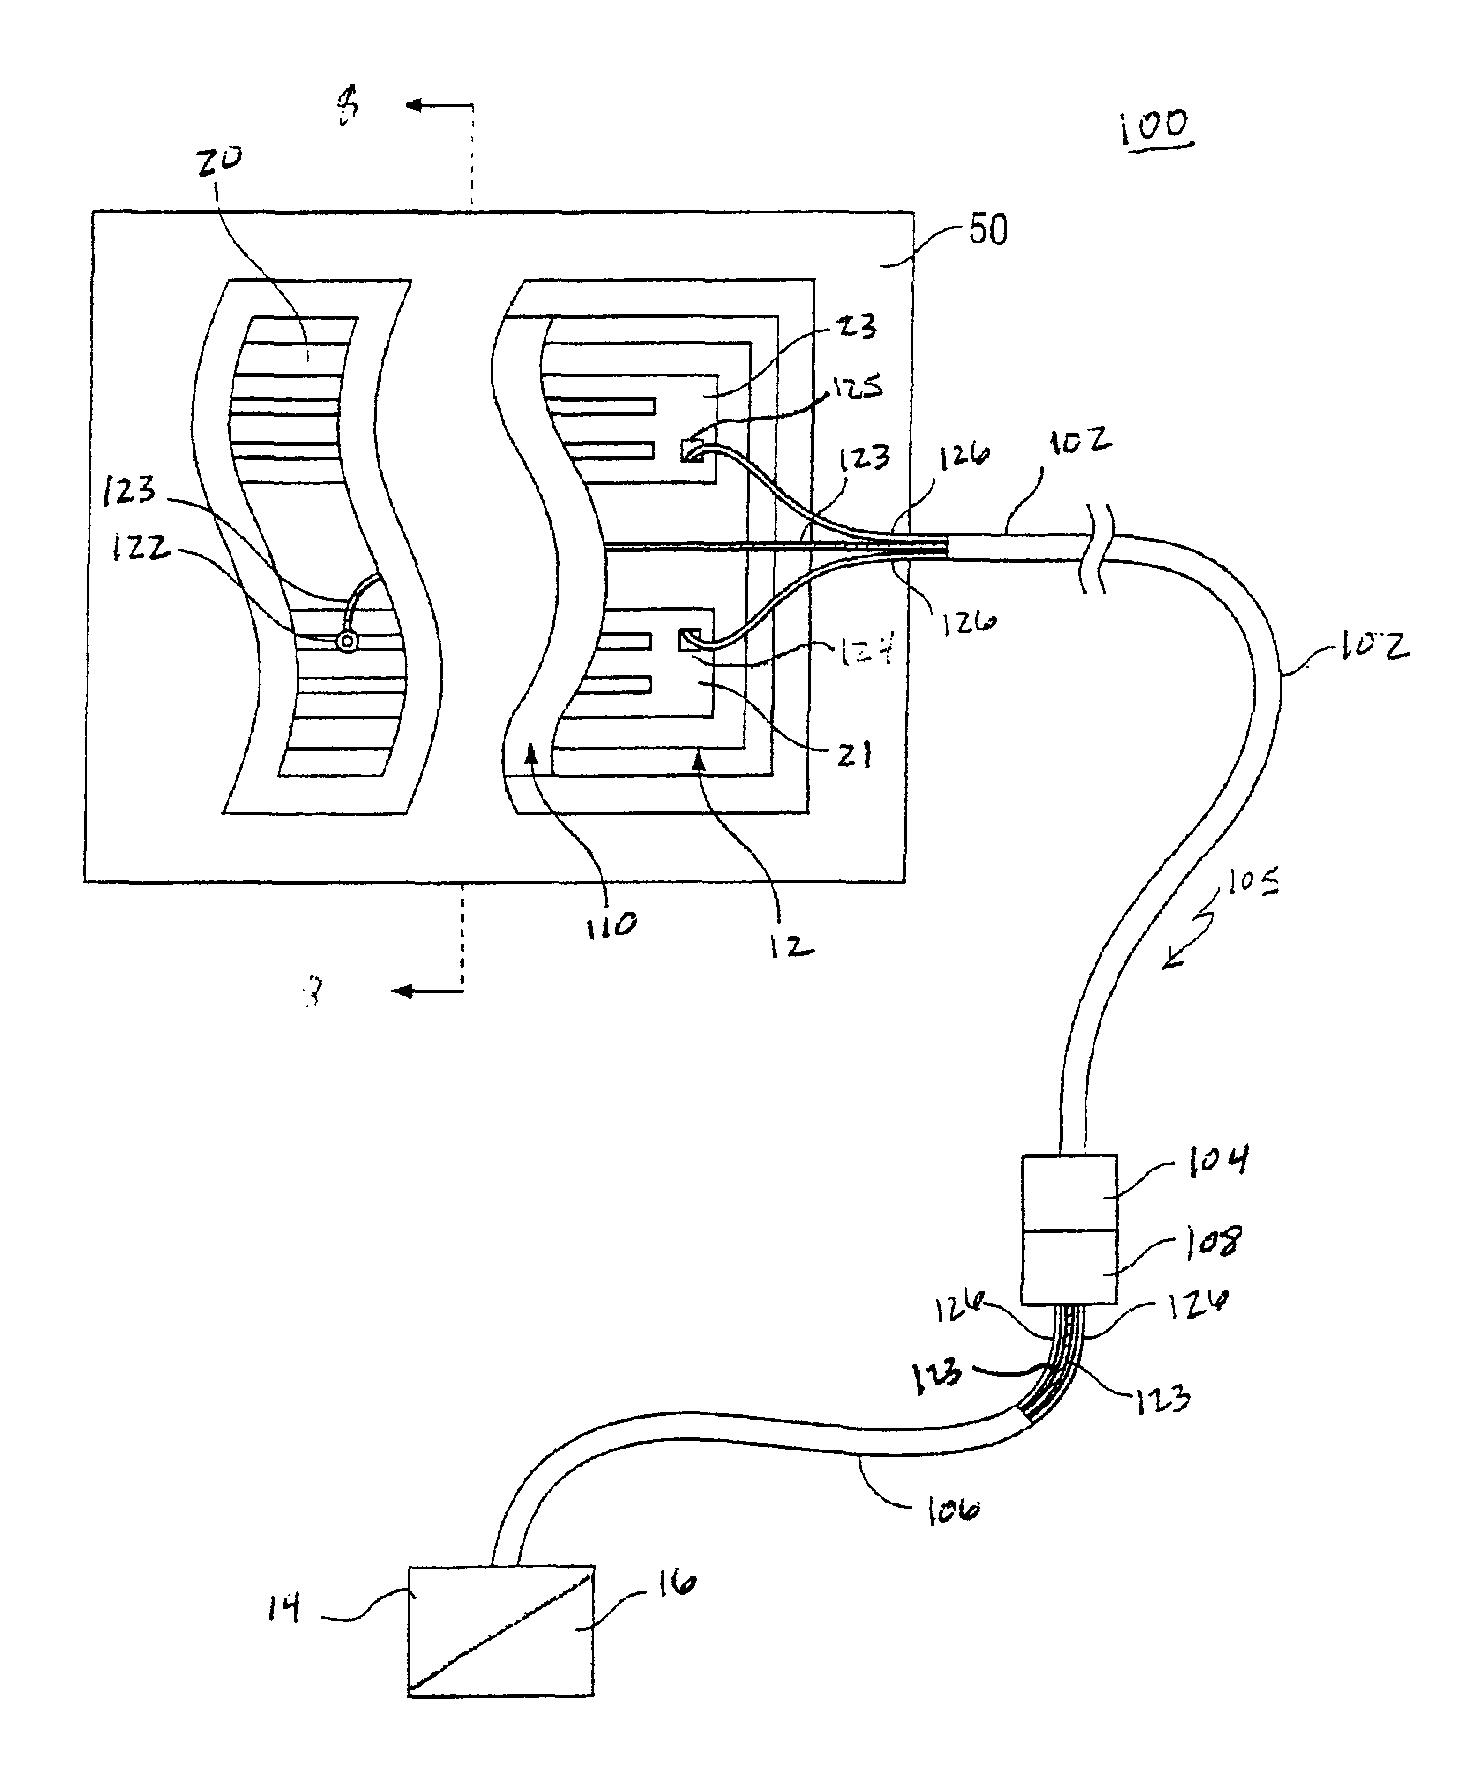 Gerbing Heated Wiring Diagram, Gerbing, Free Engine Image